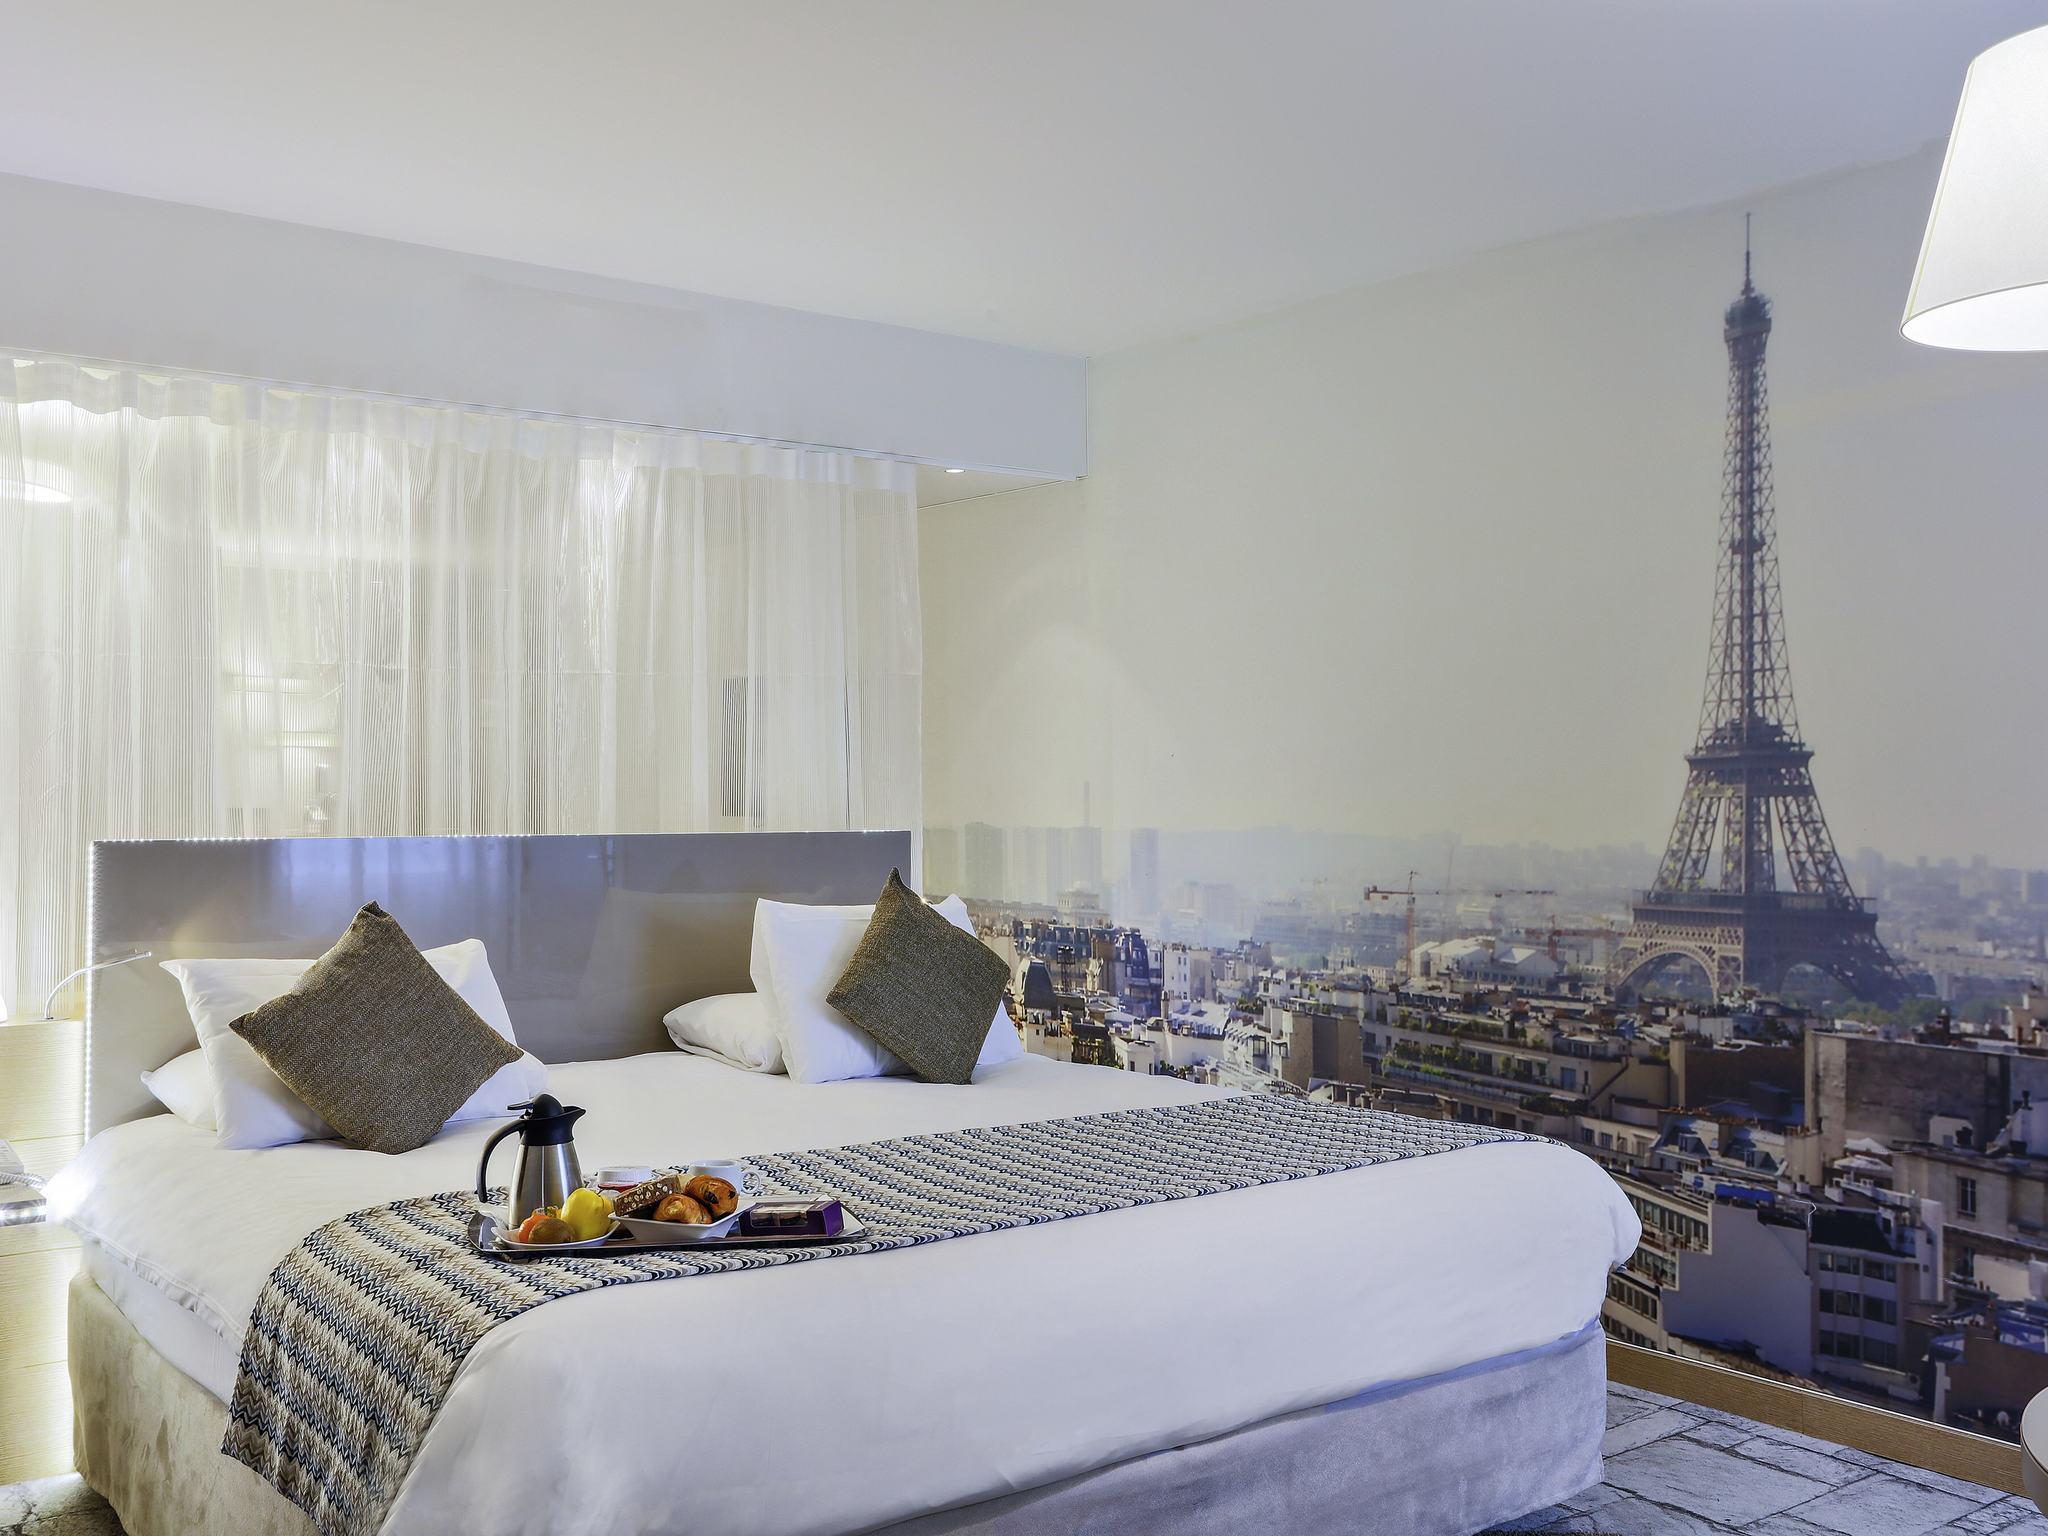 Hôtel - Hôtel Mercure Paris Vaugirard Porte de Versailles